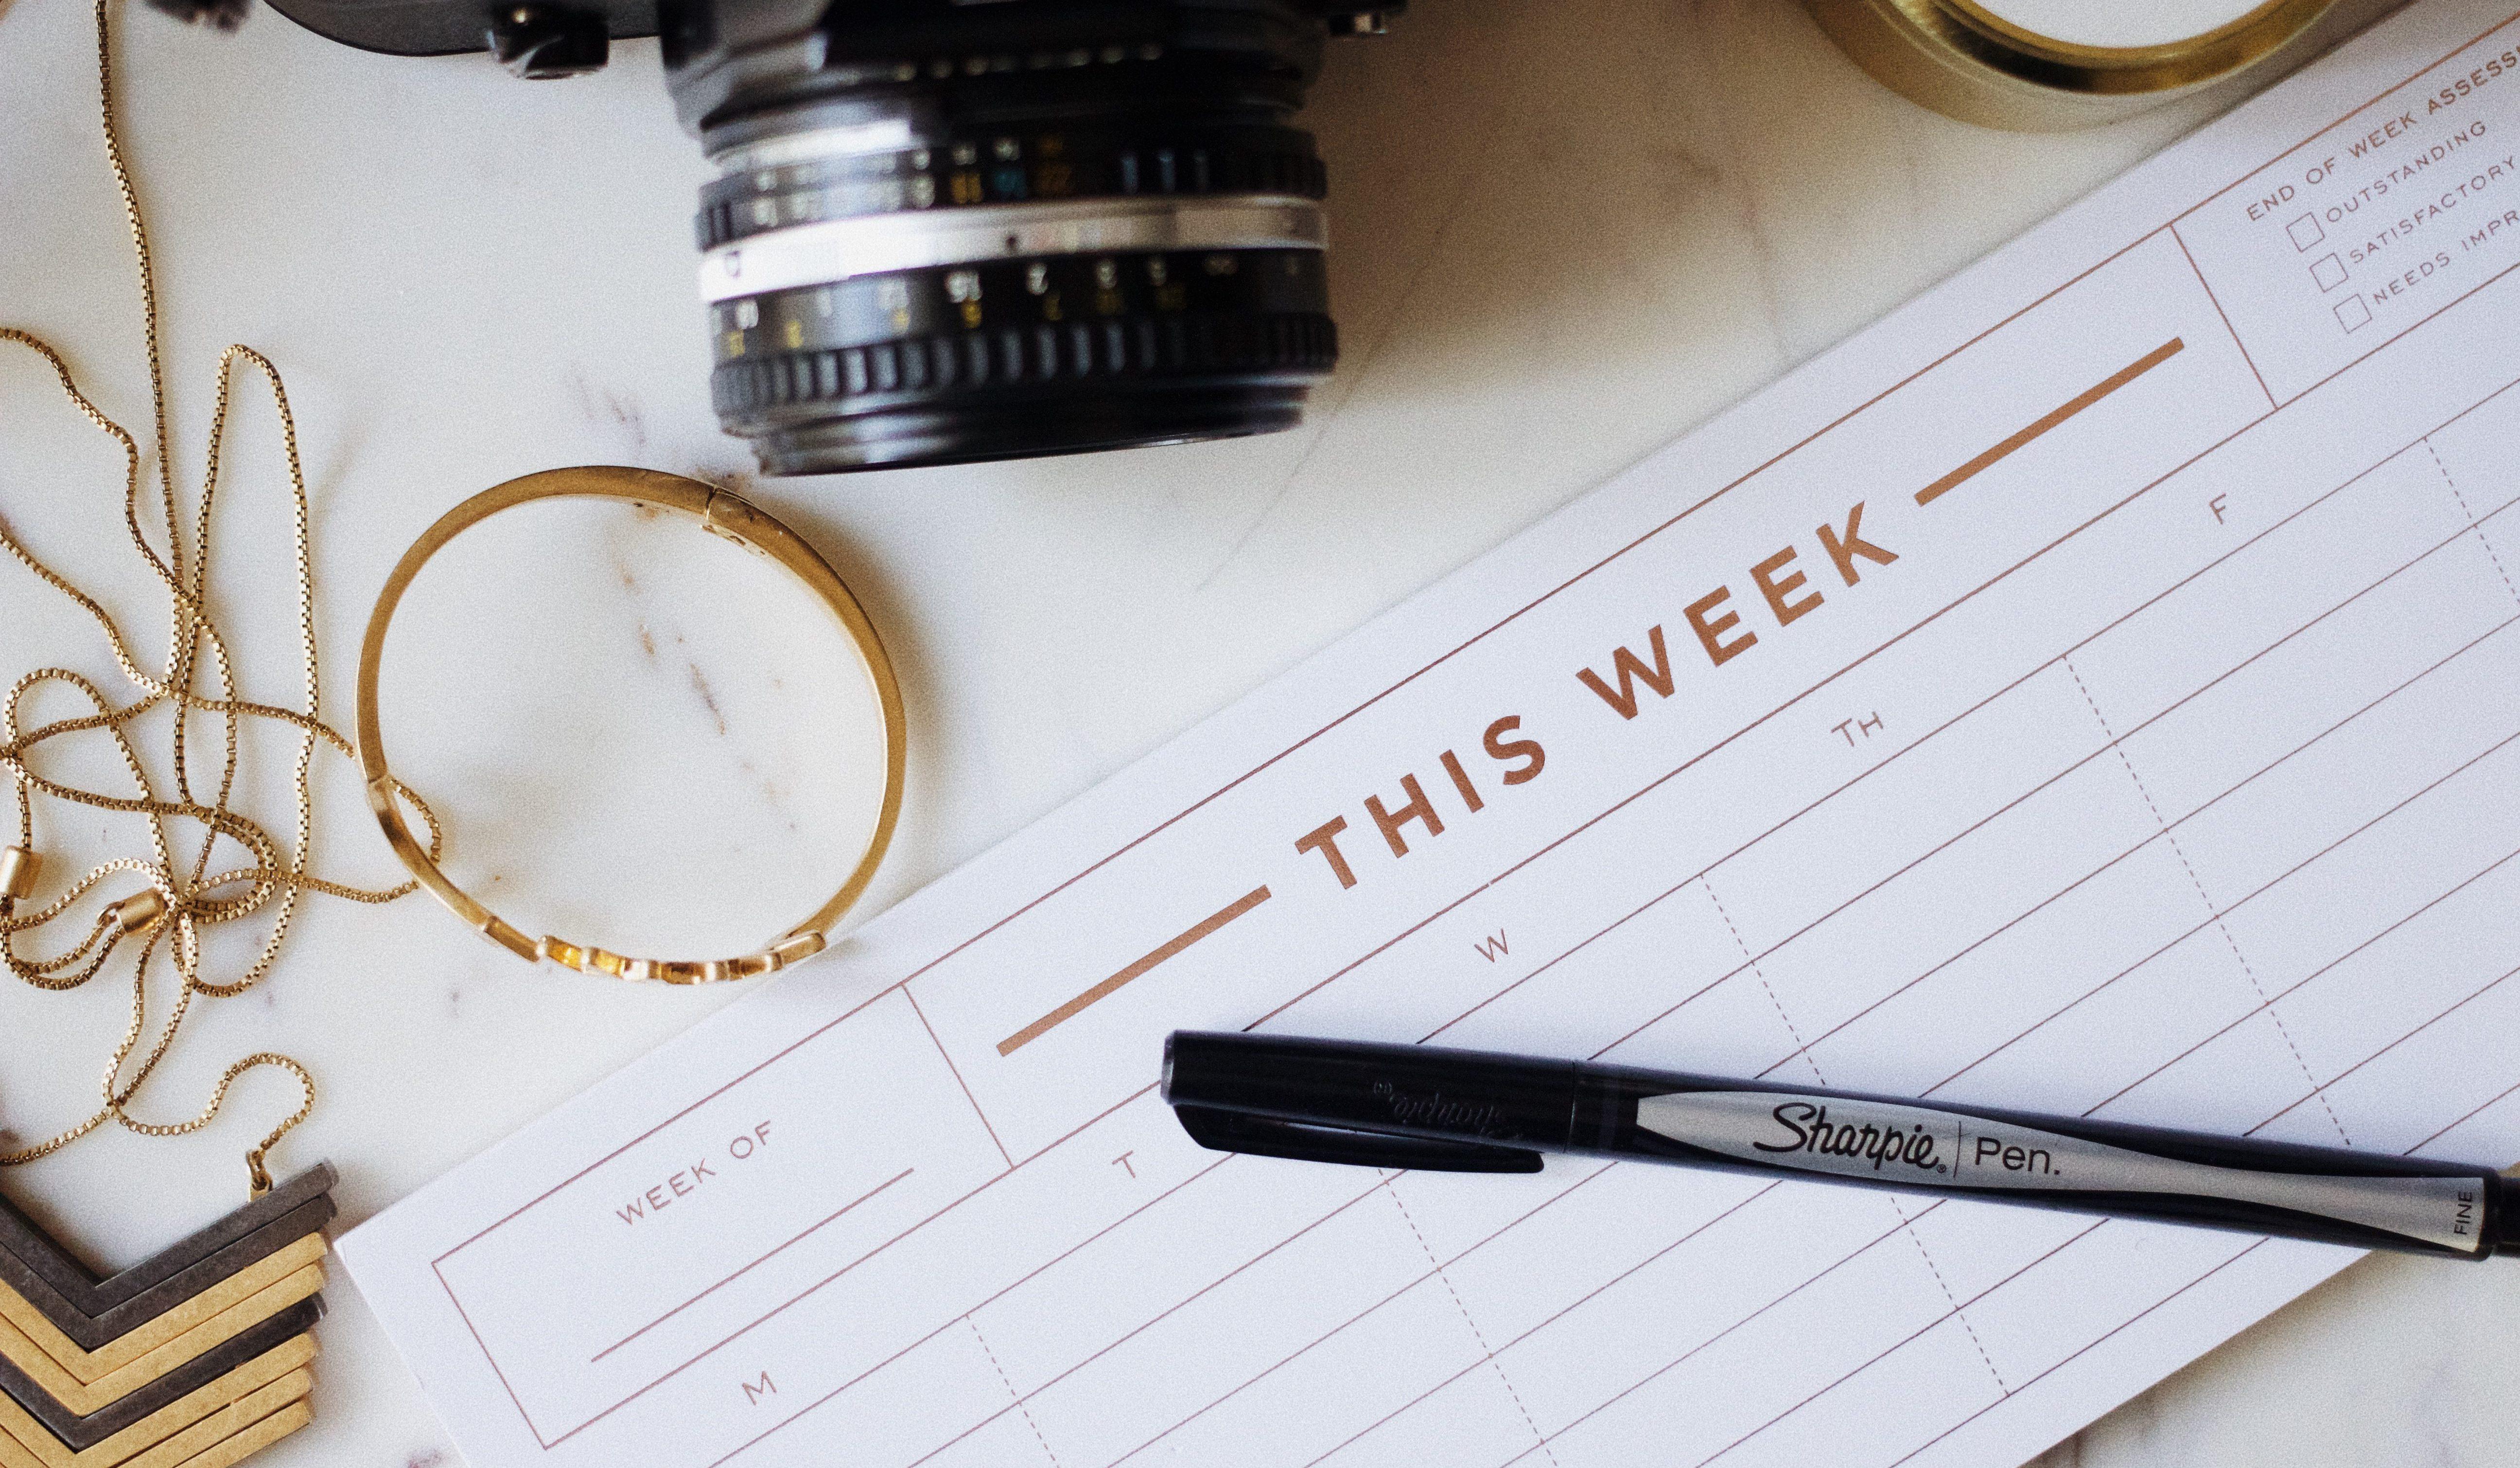 Ideale Zeit für Kreuzfahrten - Wochenkalender